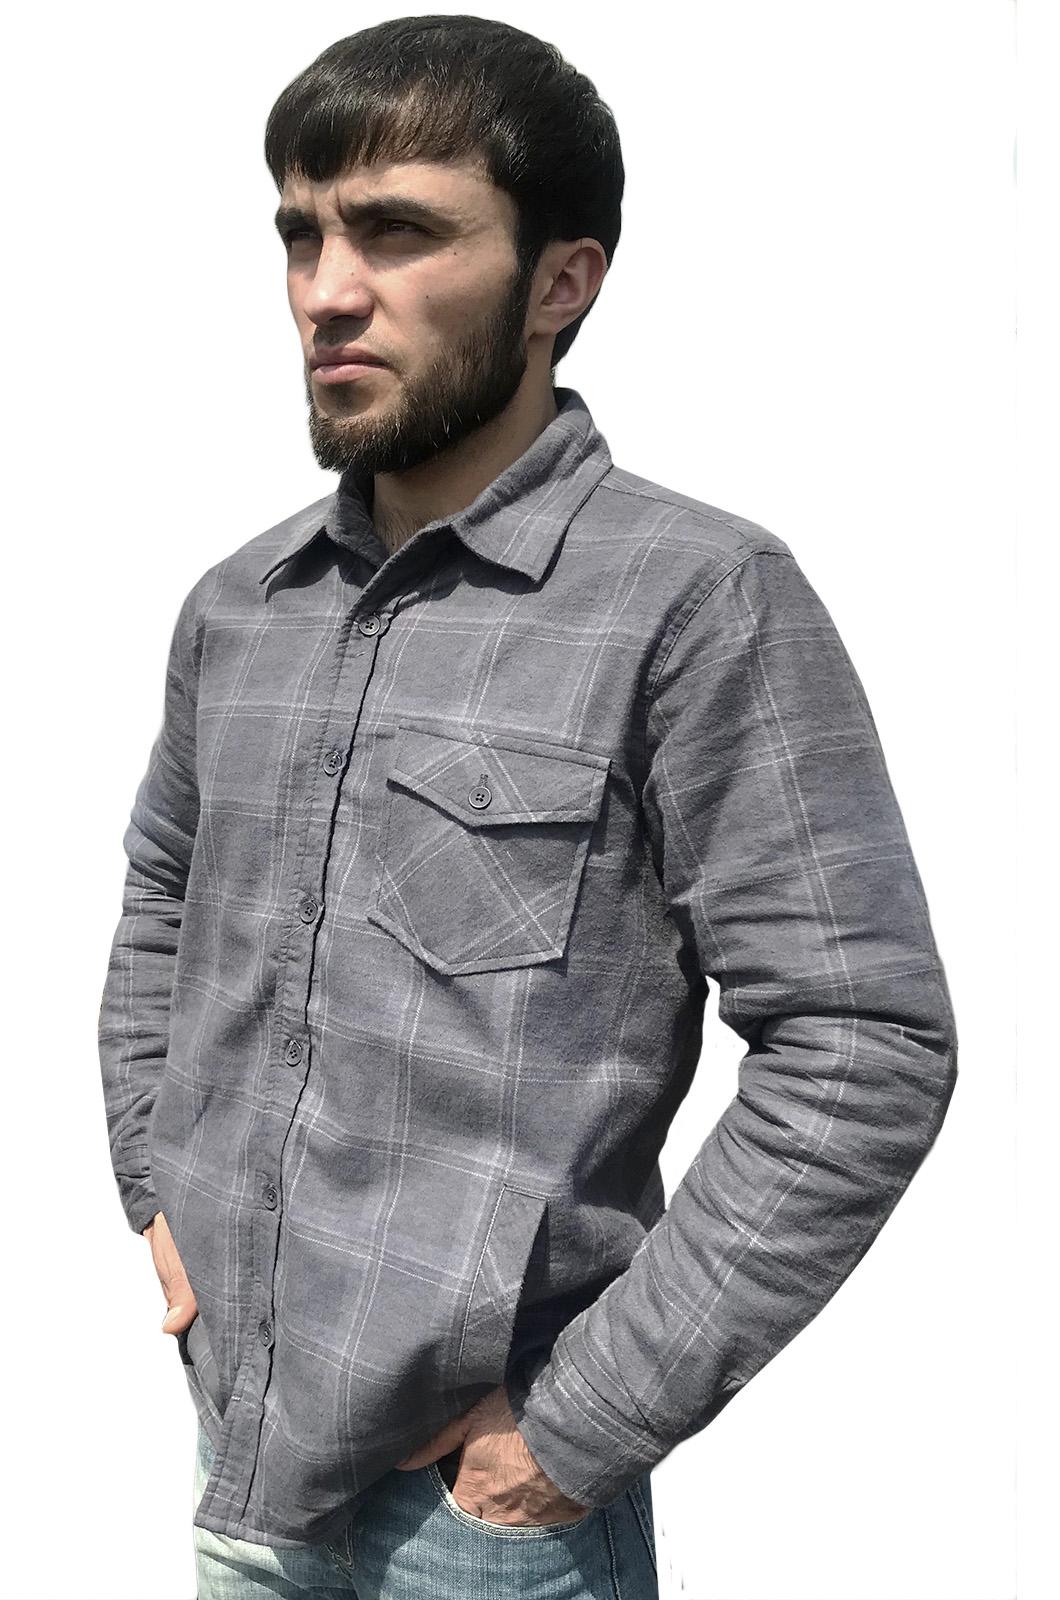 Рубашка с шевроном Военной разведки 24 ОБрСпН купить в подарок